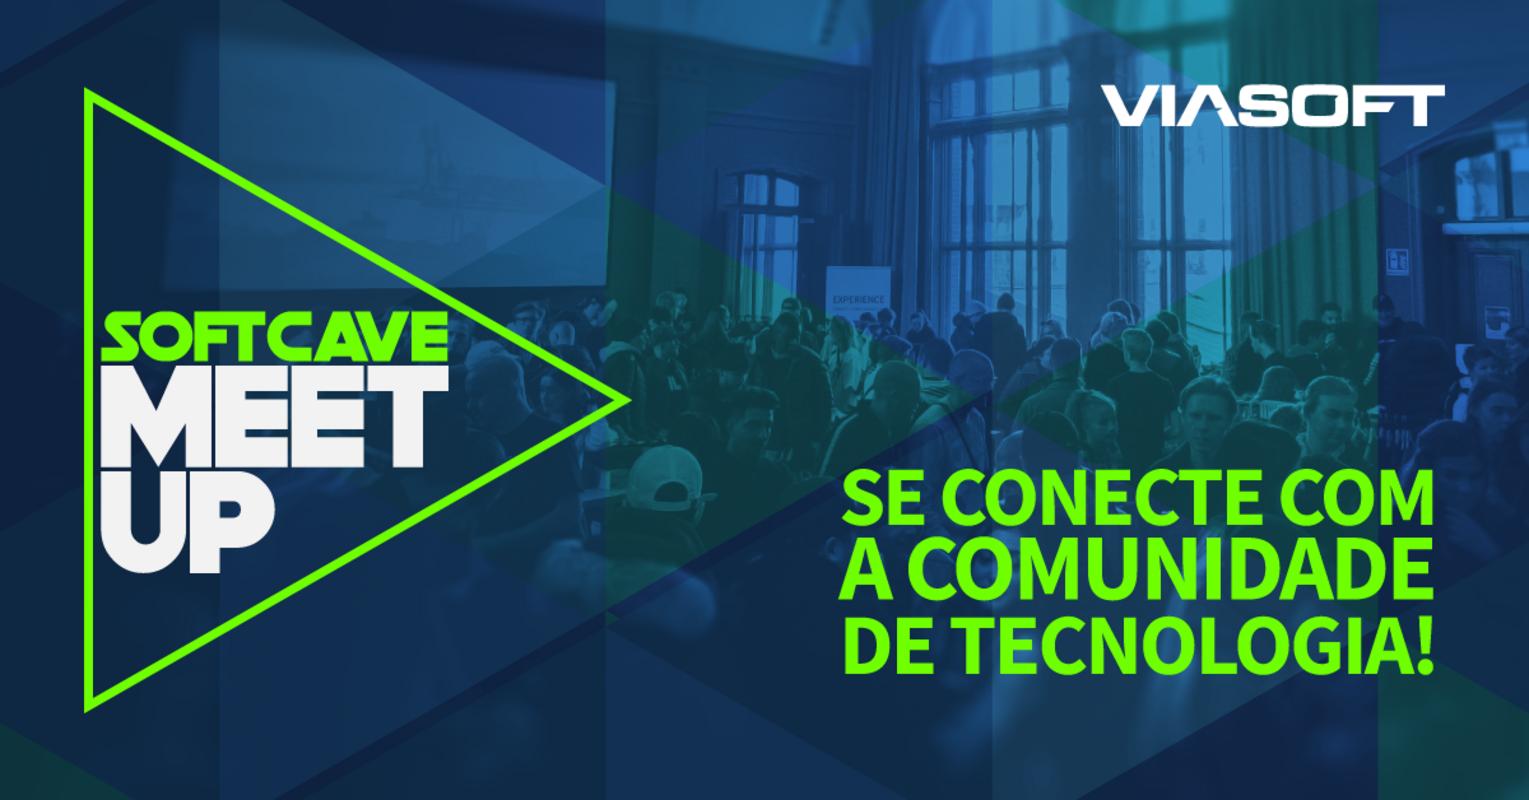 VIASOFT lança o Soft Cave MeetUp para toda a comunidade de tecnologia